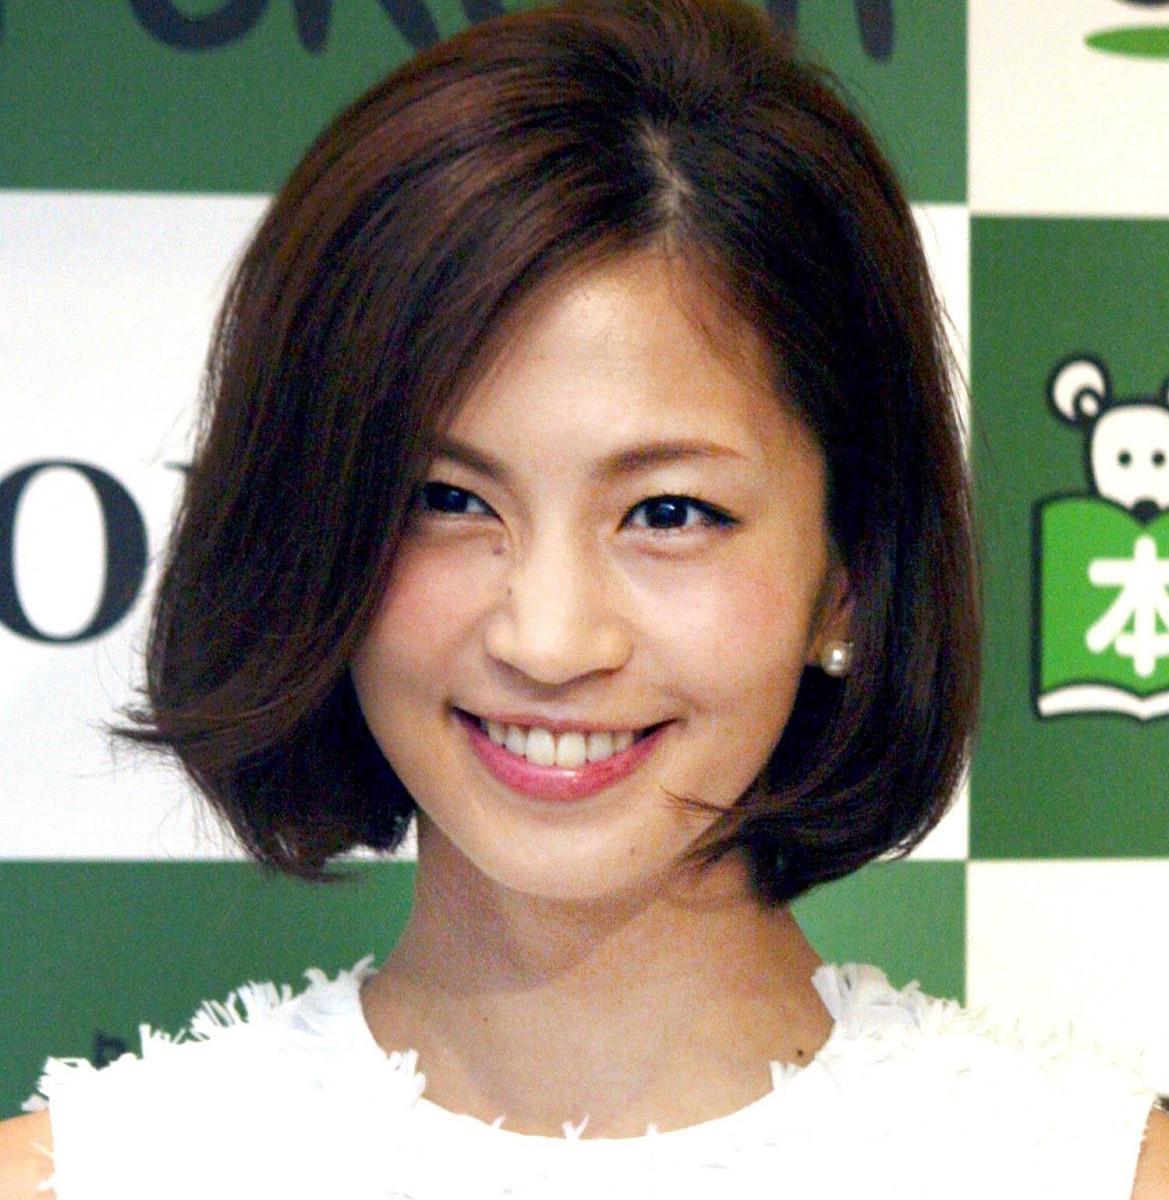 安田美沙子、15キロ走ってからジムへ「お腹ぺったんこ」「なんて細さ」(スポーツ報知) - Yahoo!ニュース